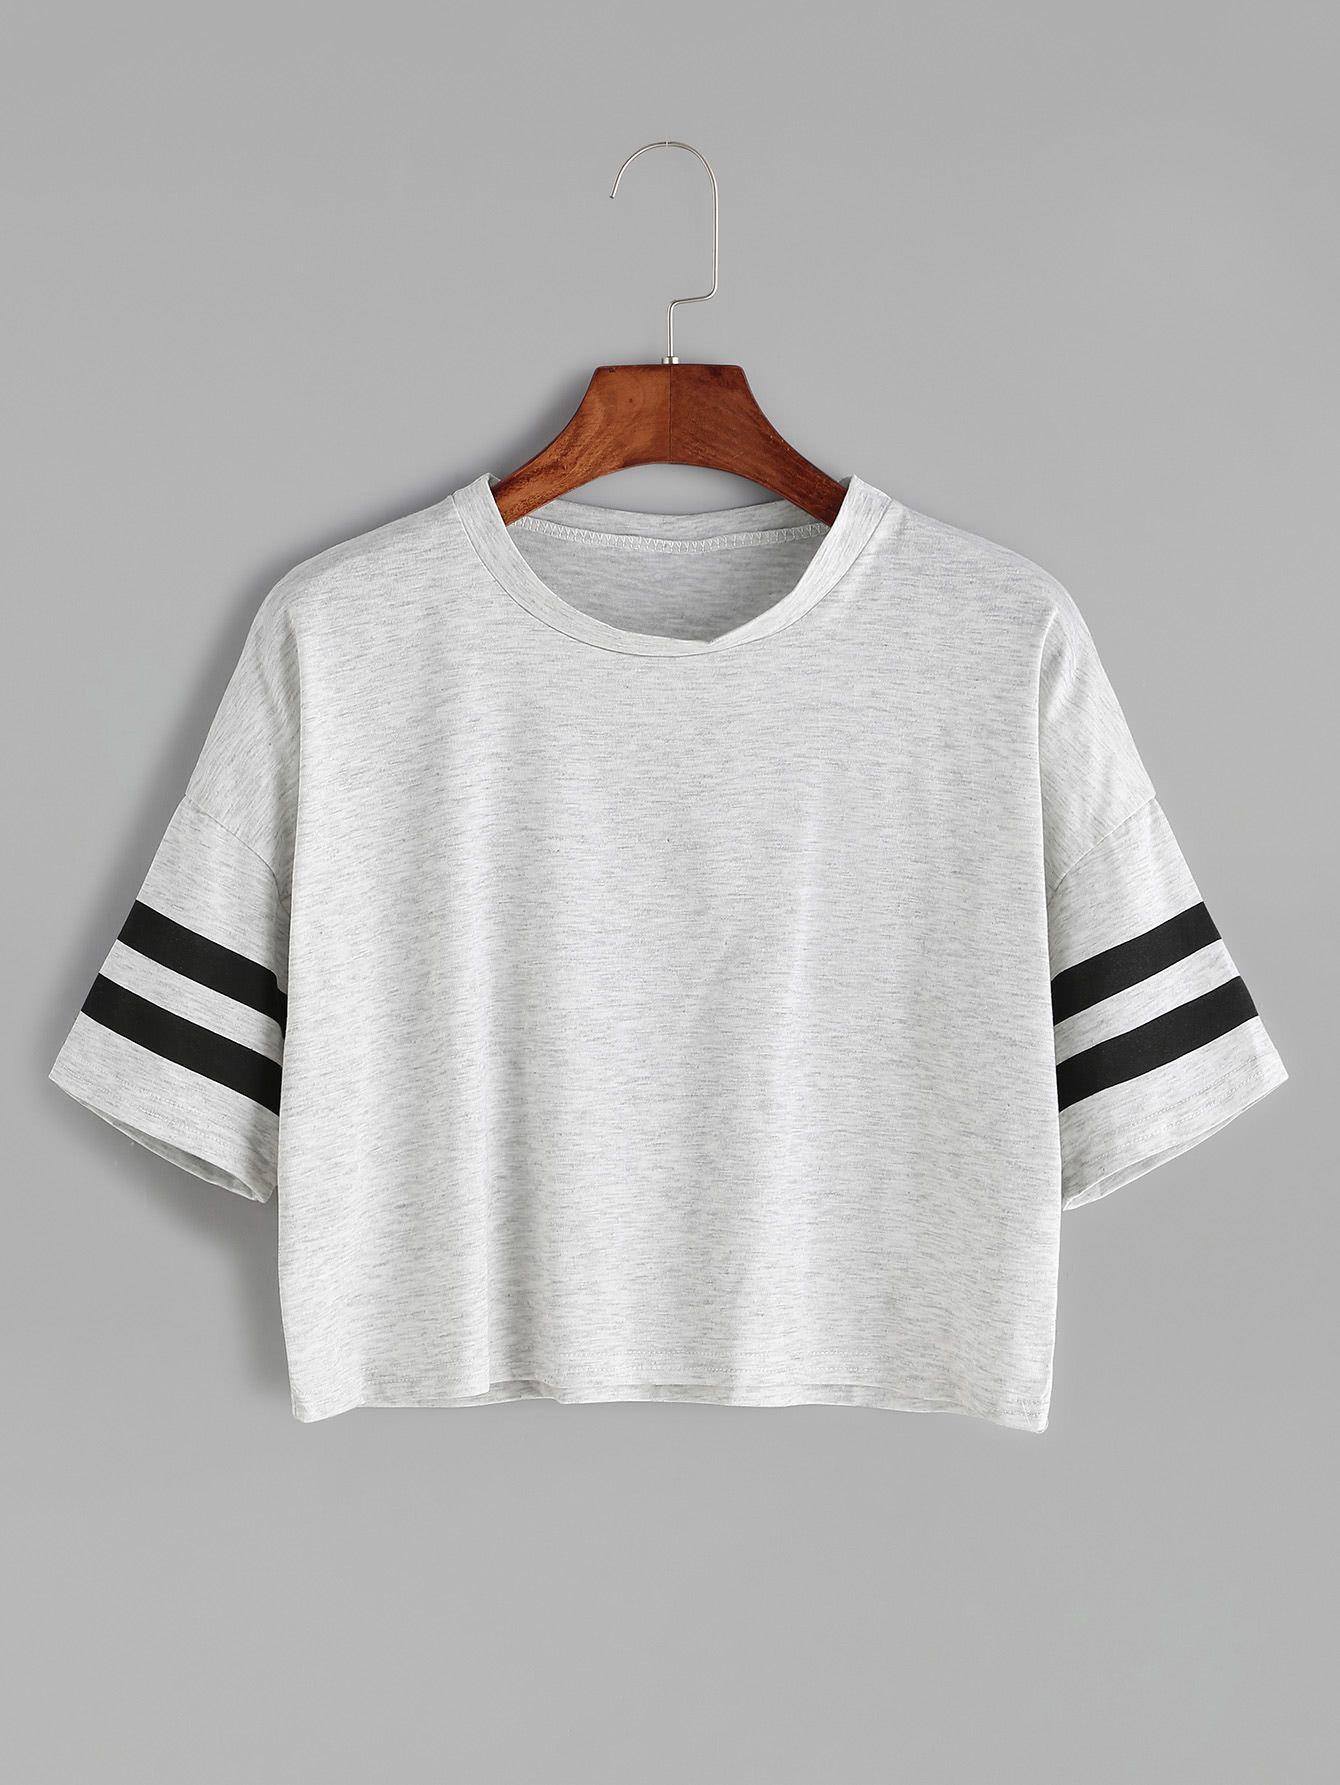 5a958f7e Camiseta corta hombro caído de raya universitaria - gris en 2019 ...